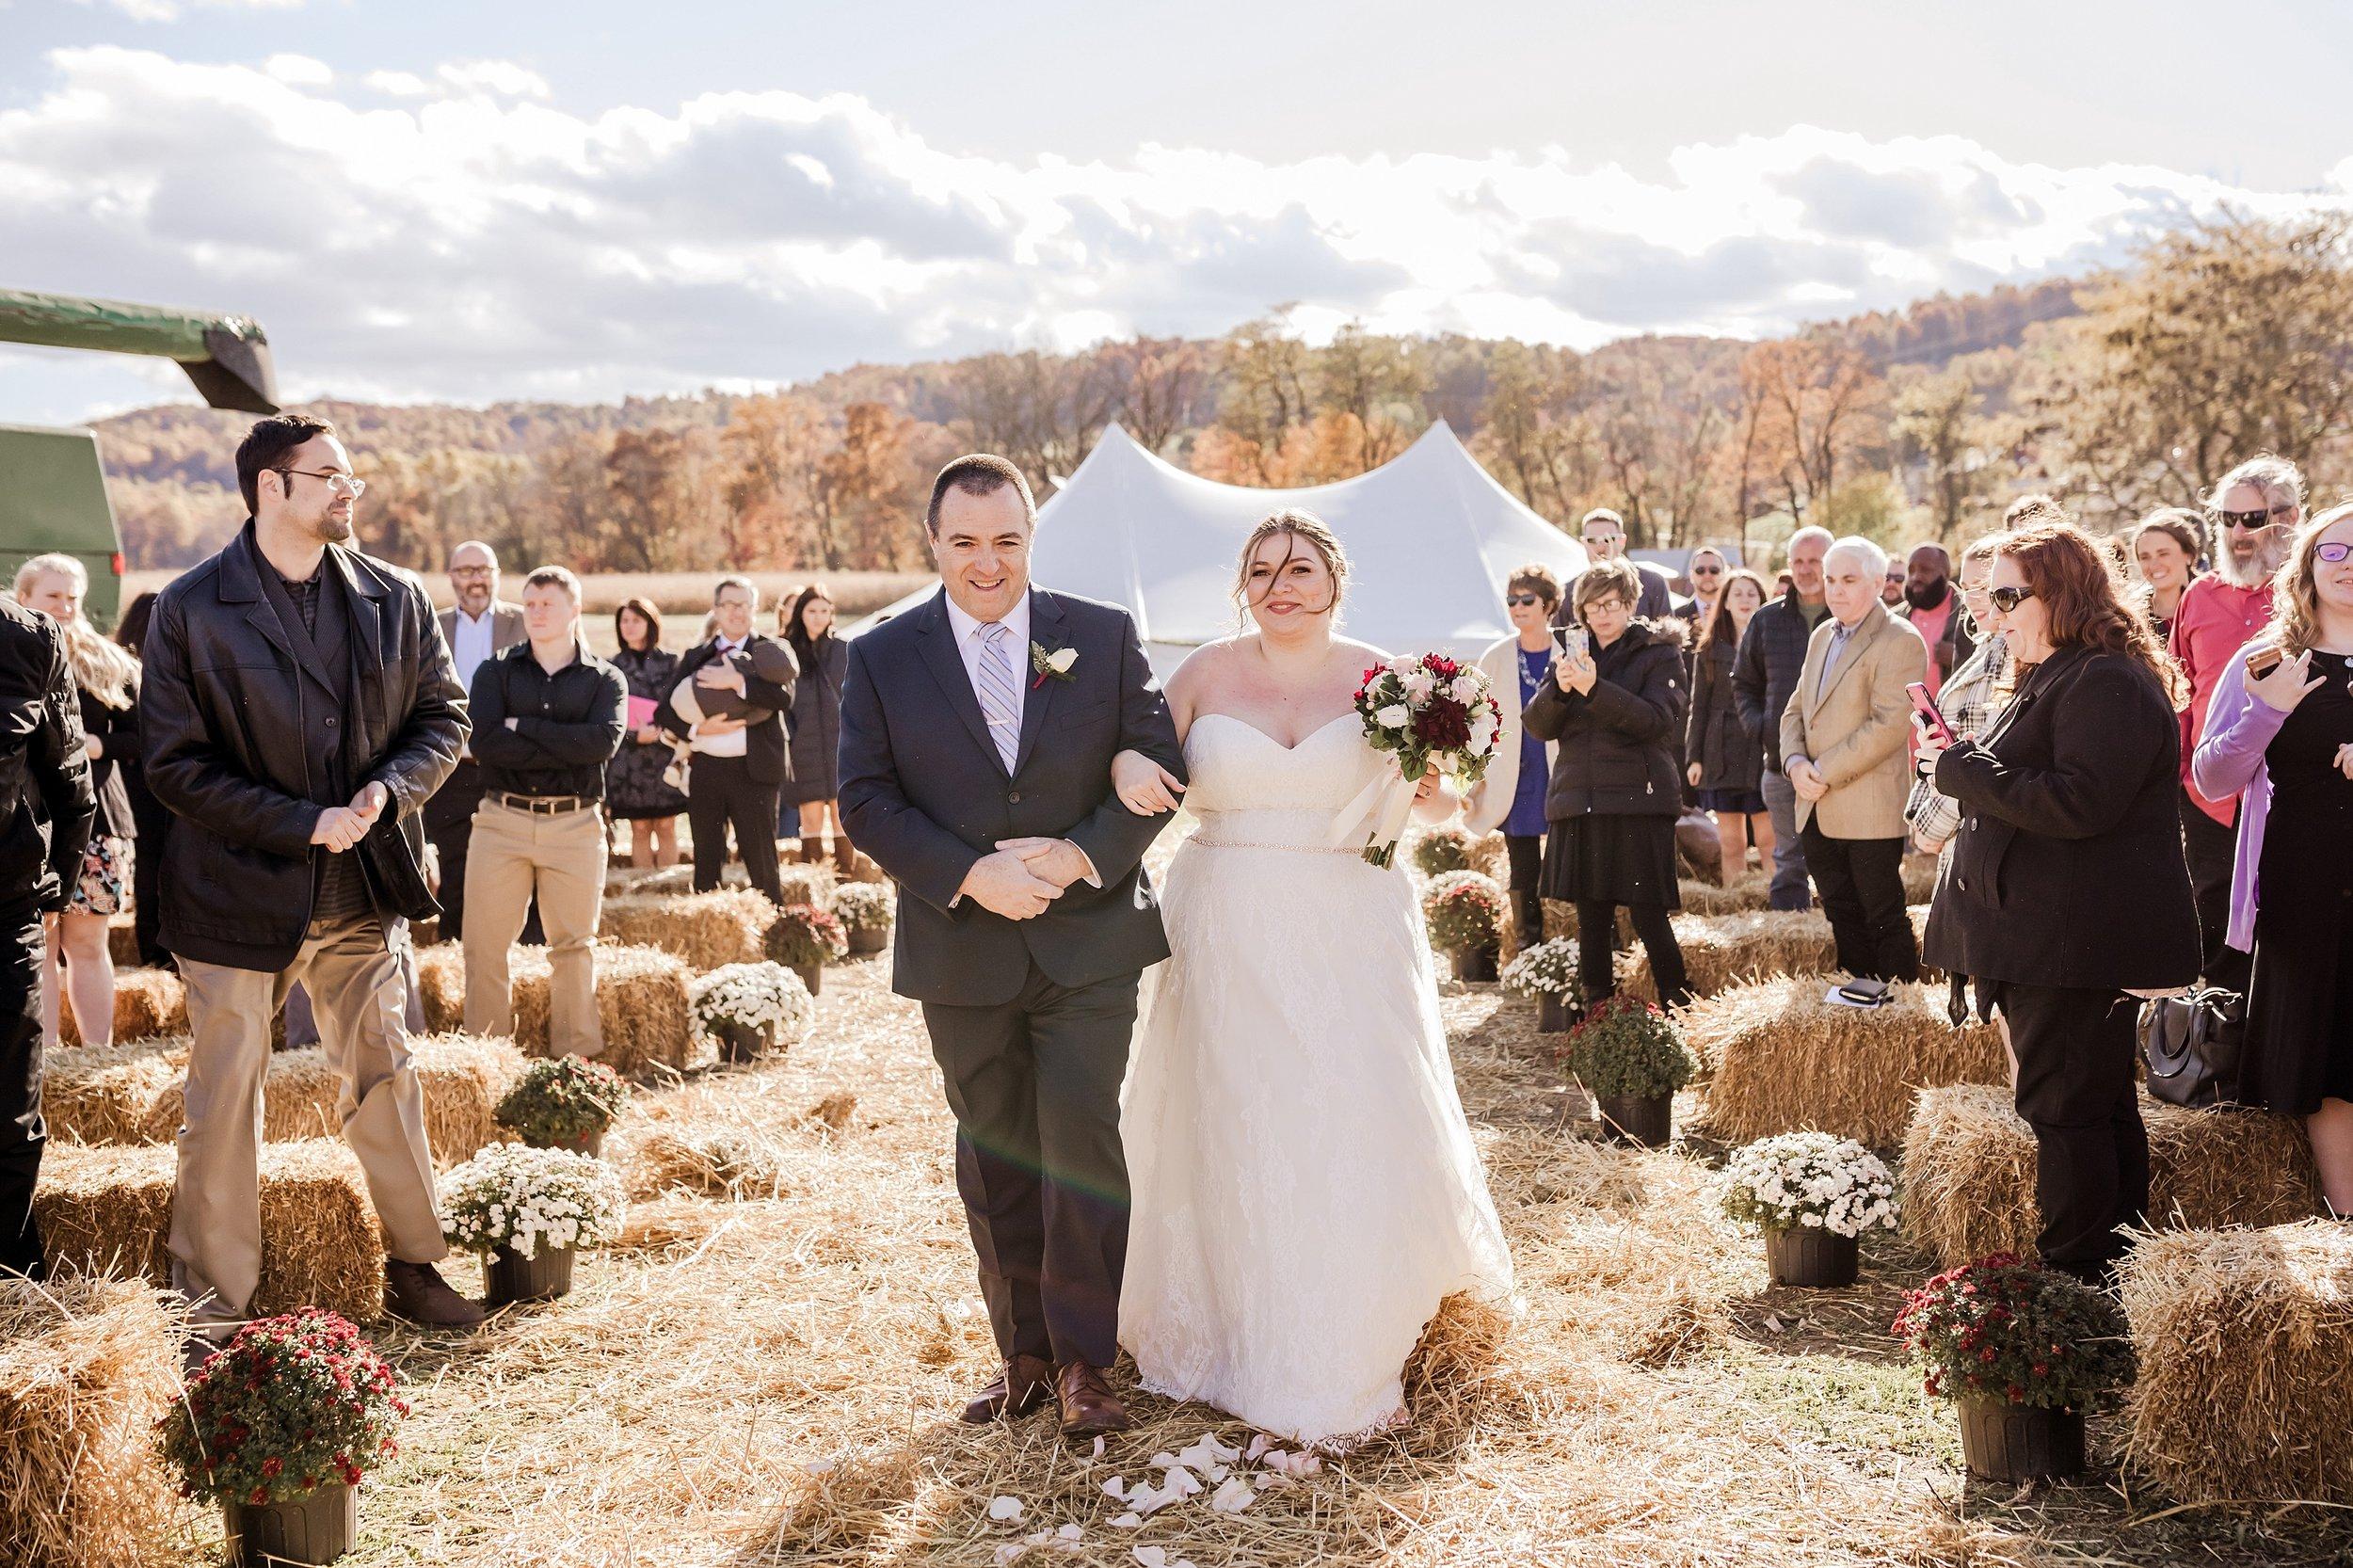 Savidge-Farms-Wedding-Photographer_0070.jpg